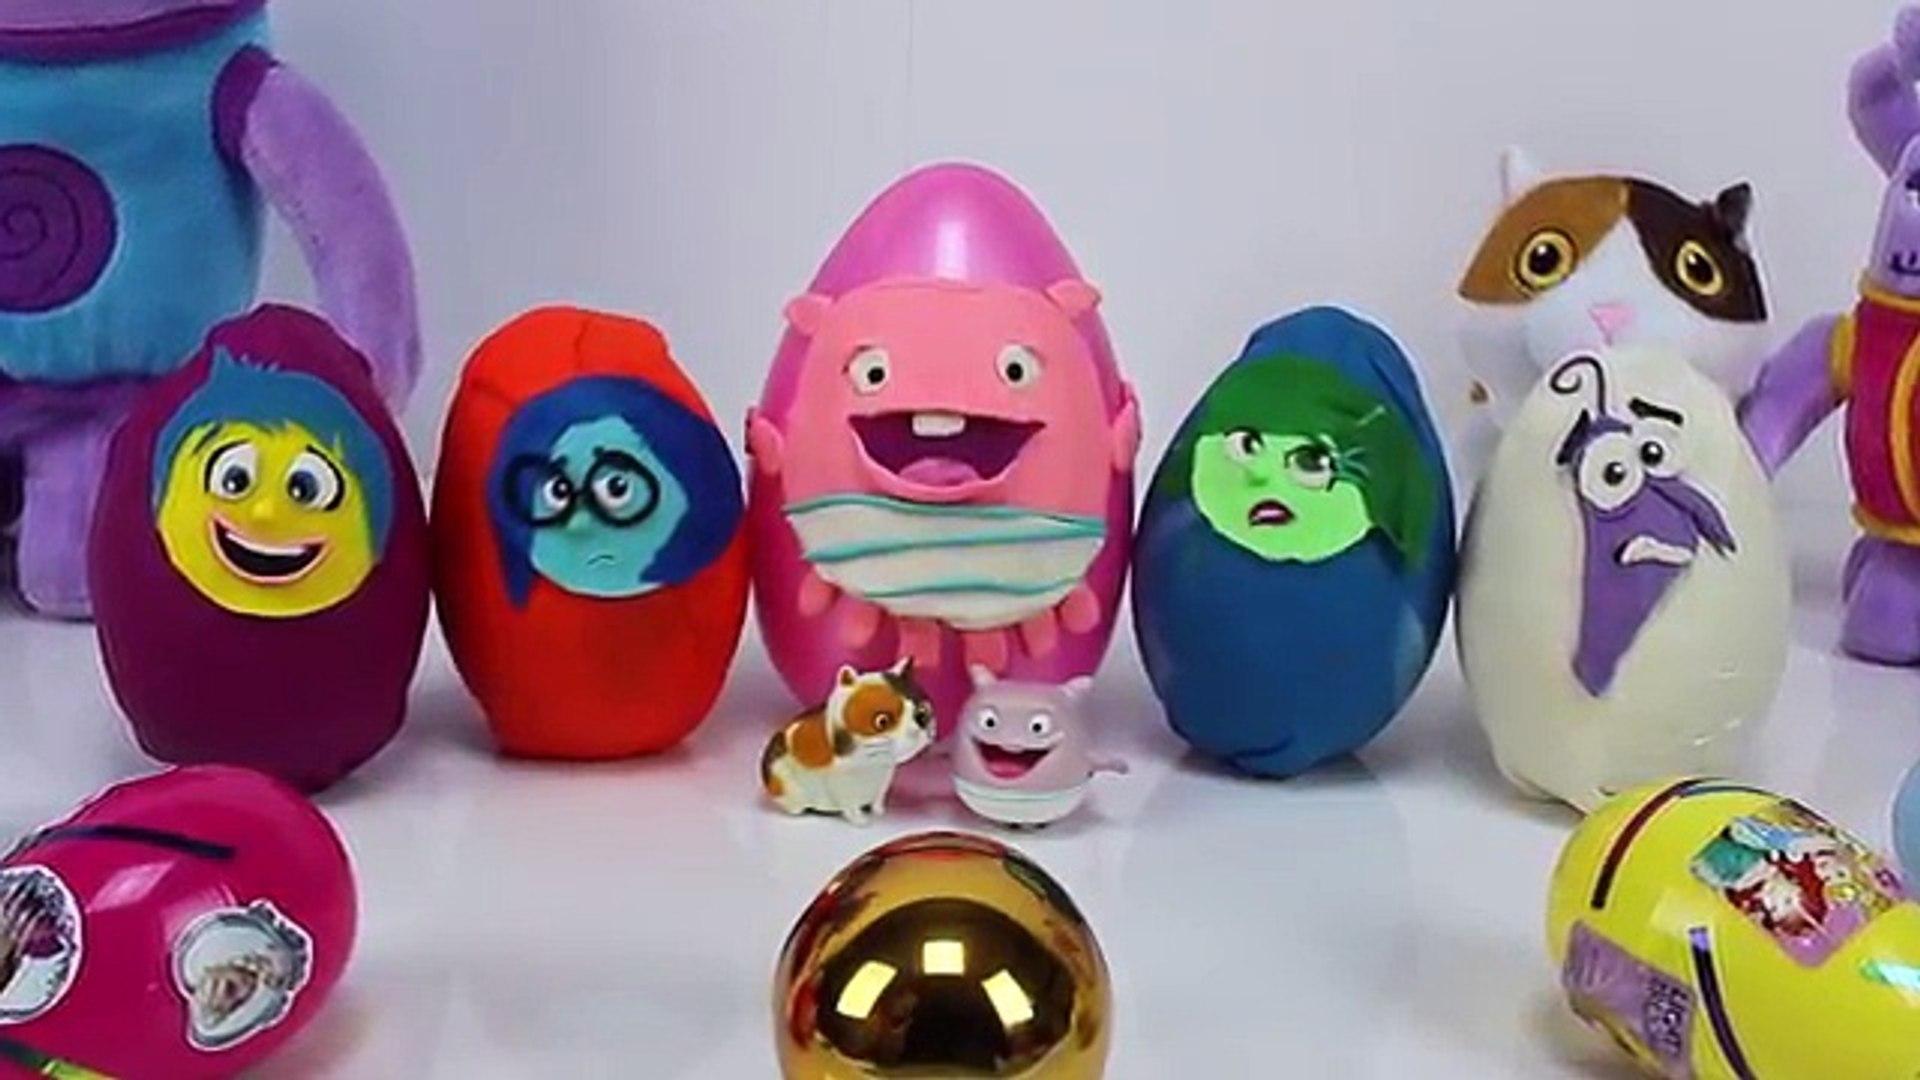 Б б б б б б Лучший Лучший слепой дисней доч яйцо гигант внутри вдохновенный радость выход пиксель иг